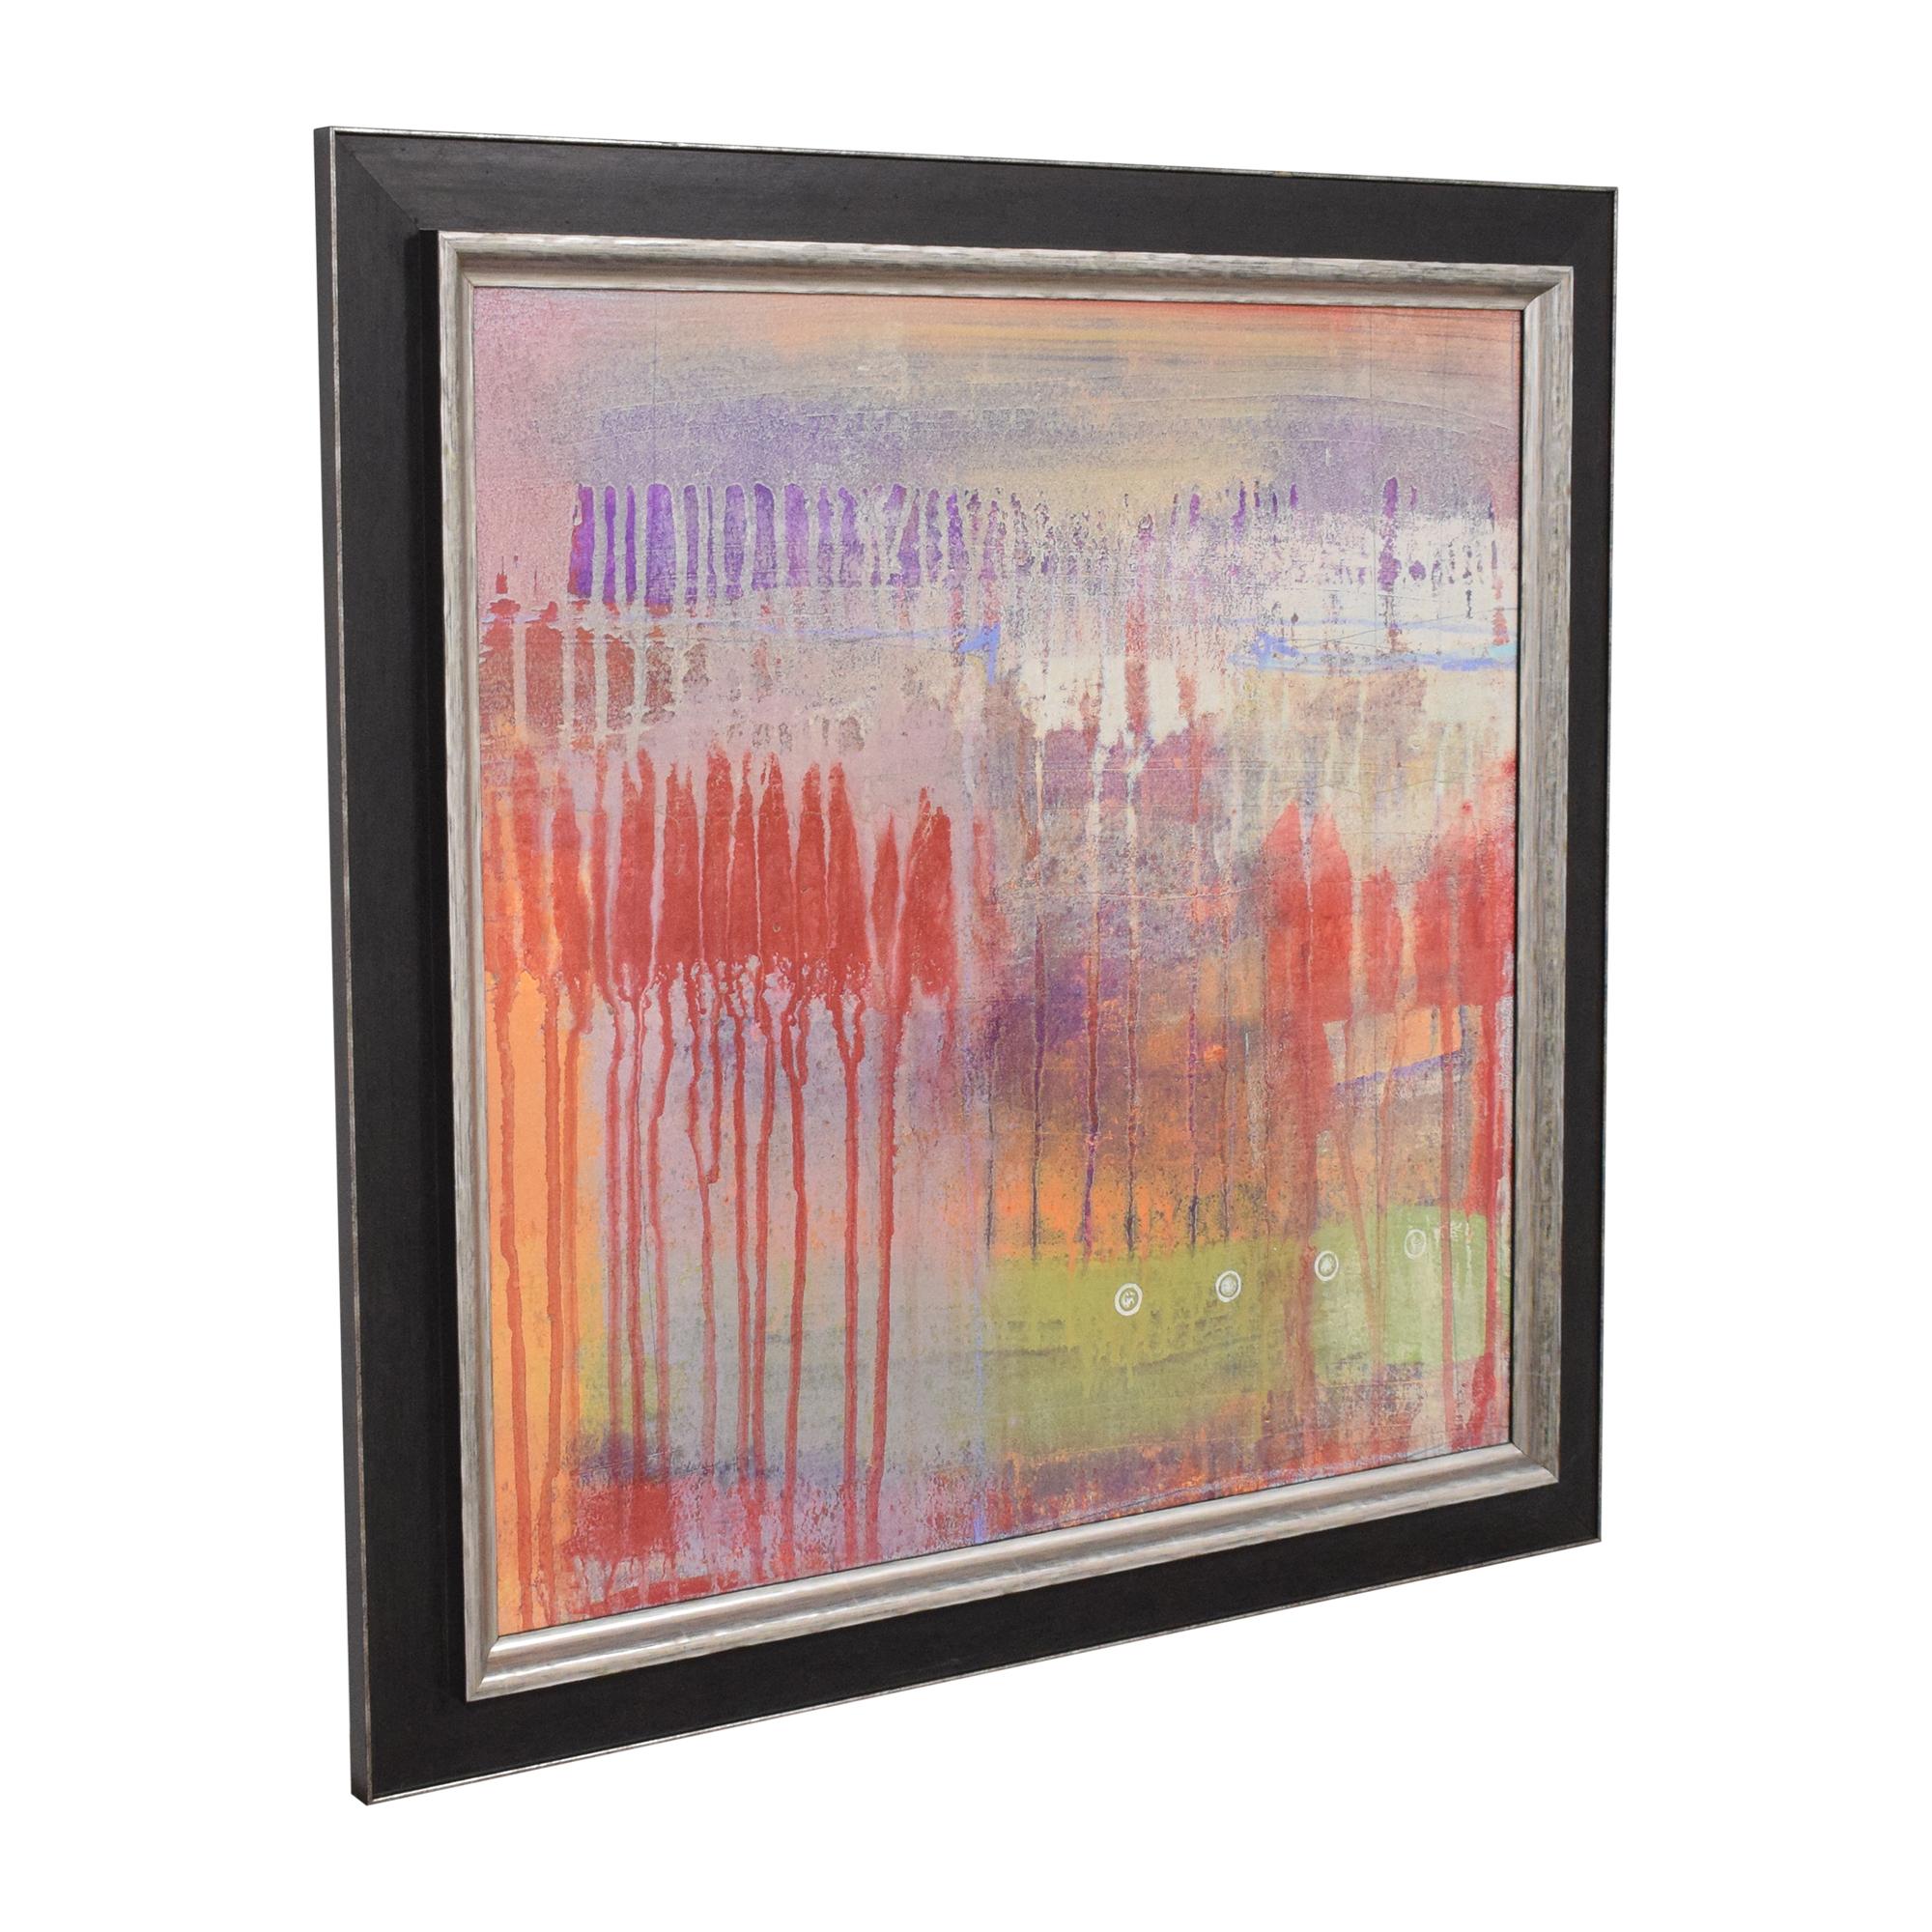 Ethan Allen Ethan Allen Wall Art pa